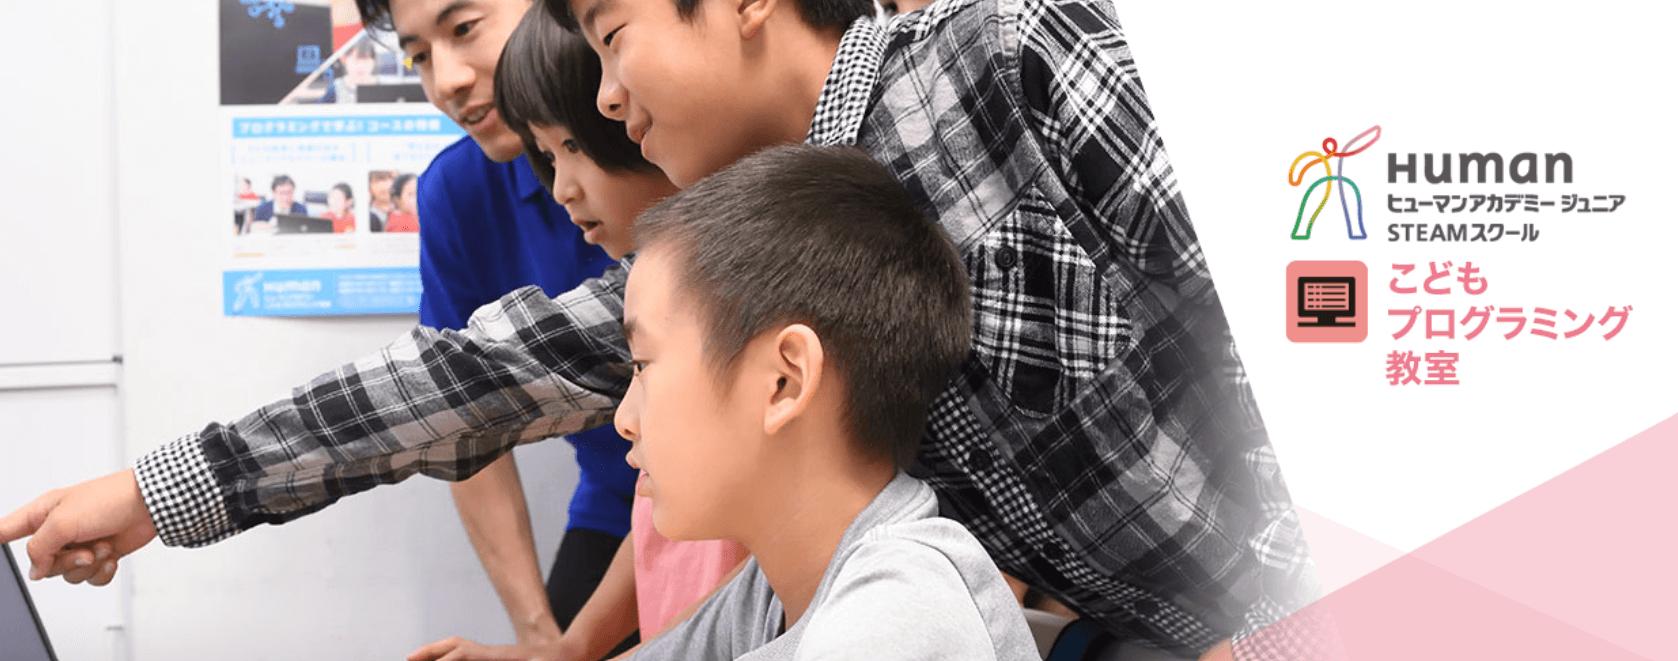 プログラミングスクール_子ども_おすすめ_ヒューマンアカデミー_子どもプログラミング教室